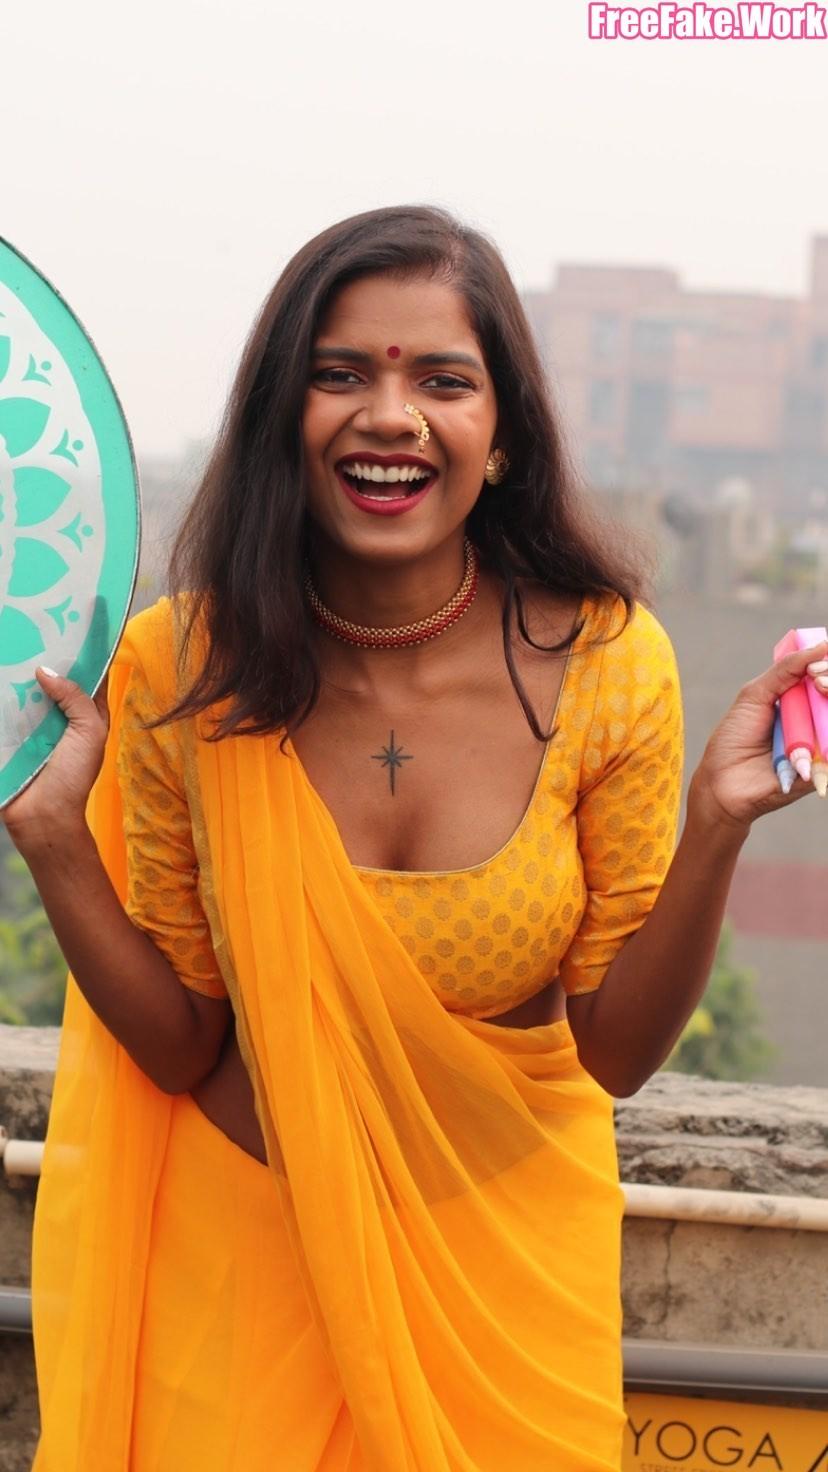 0947-Khyati-Shree-bold-private-photoshoot-2021.jpg